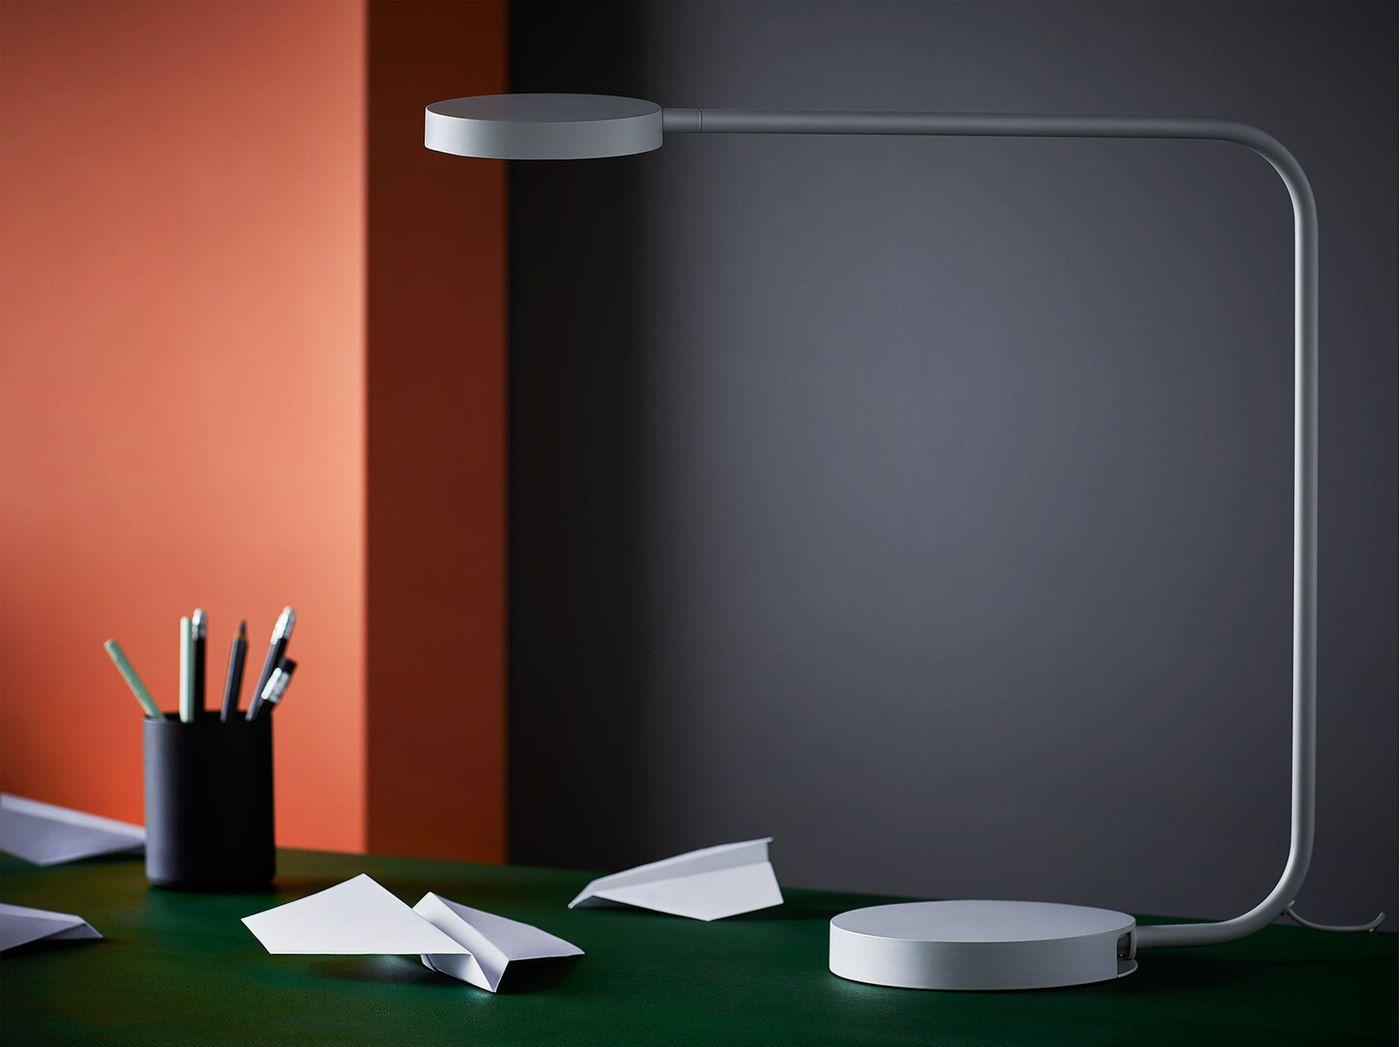 Réalisée en aluminium la lampe de table led ikea ypperlig apporte